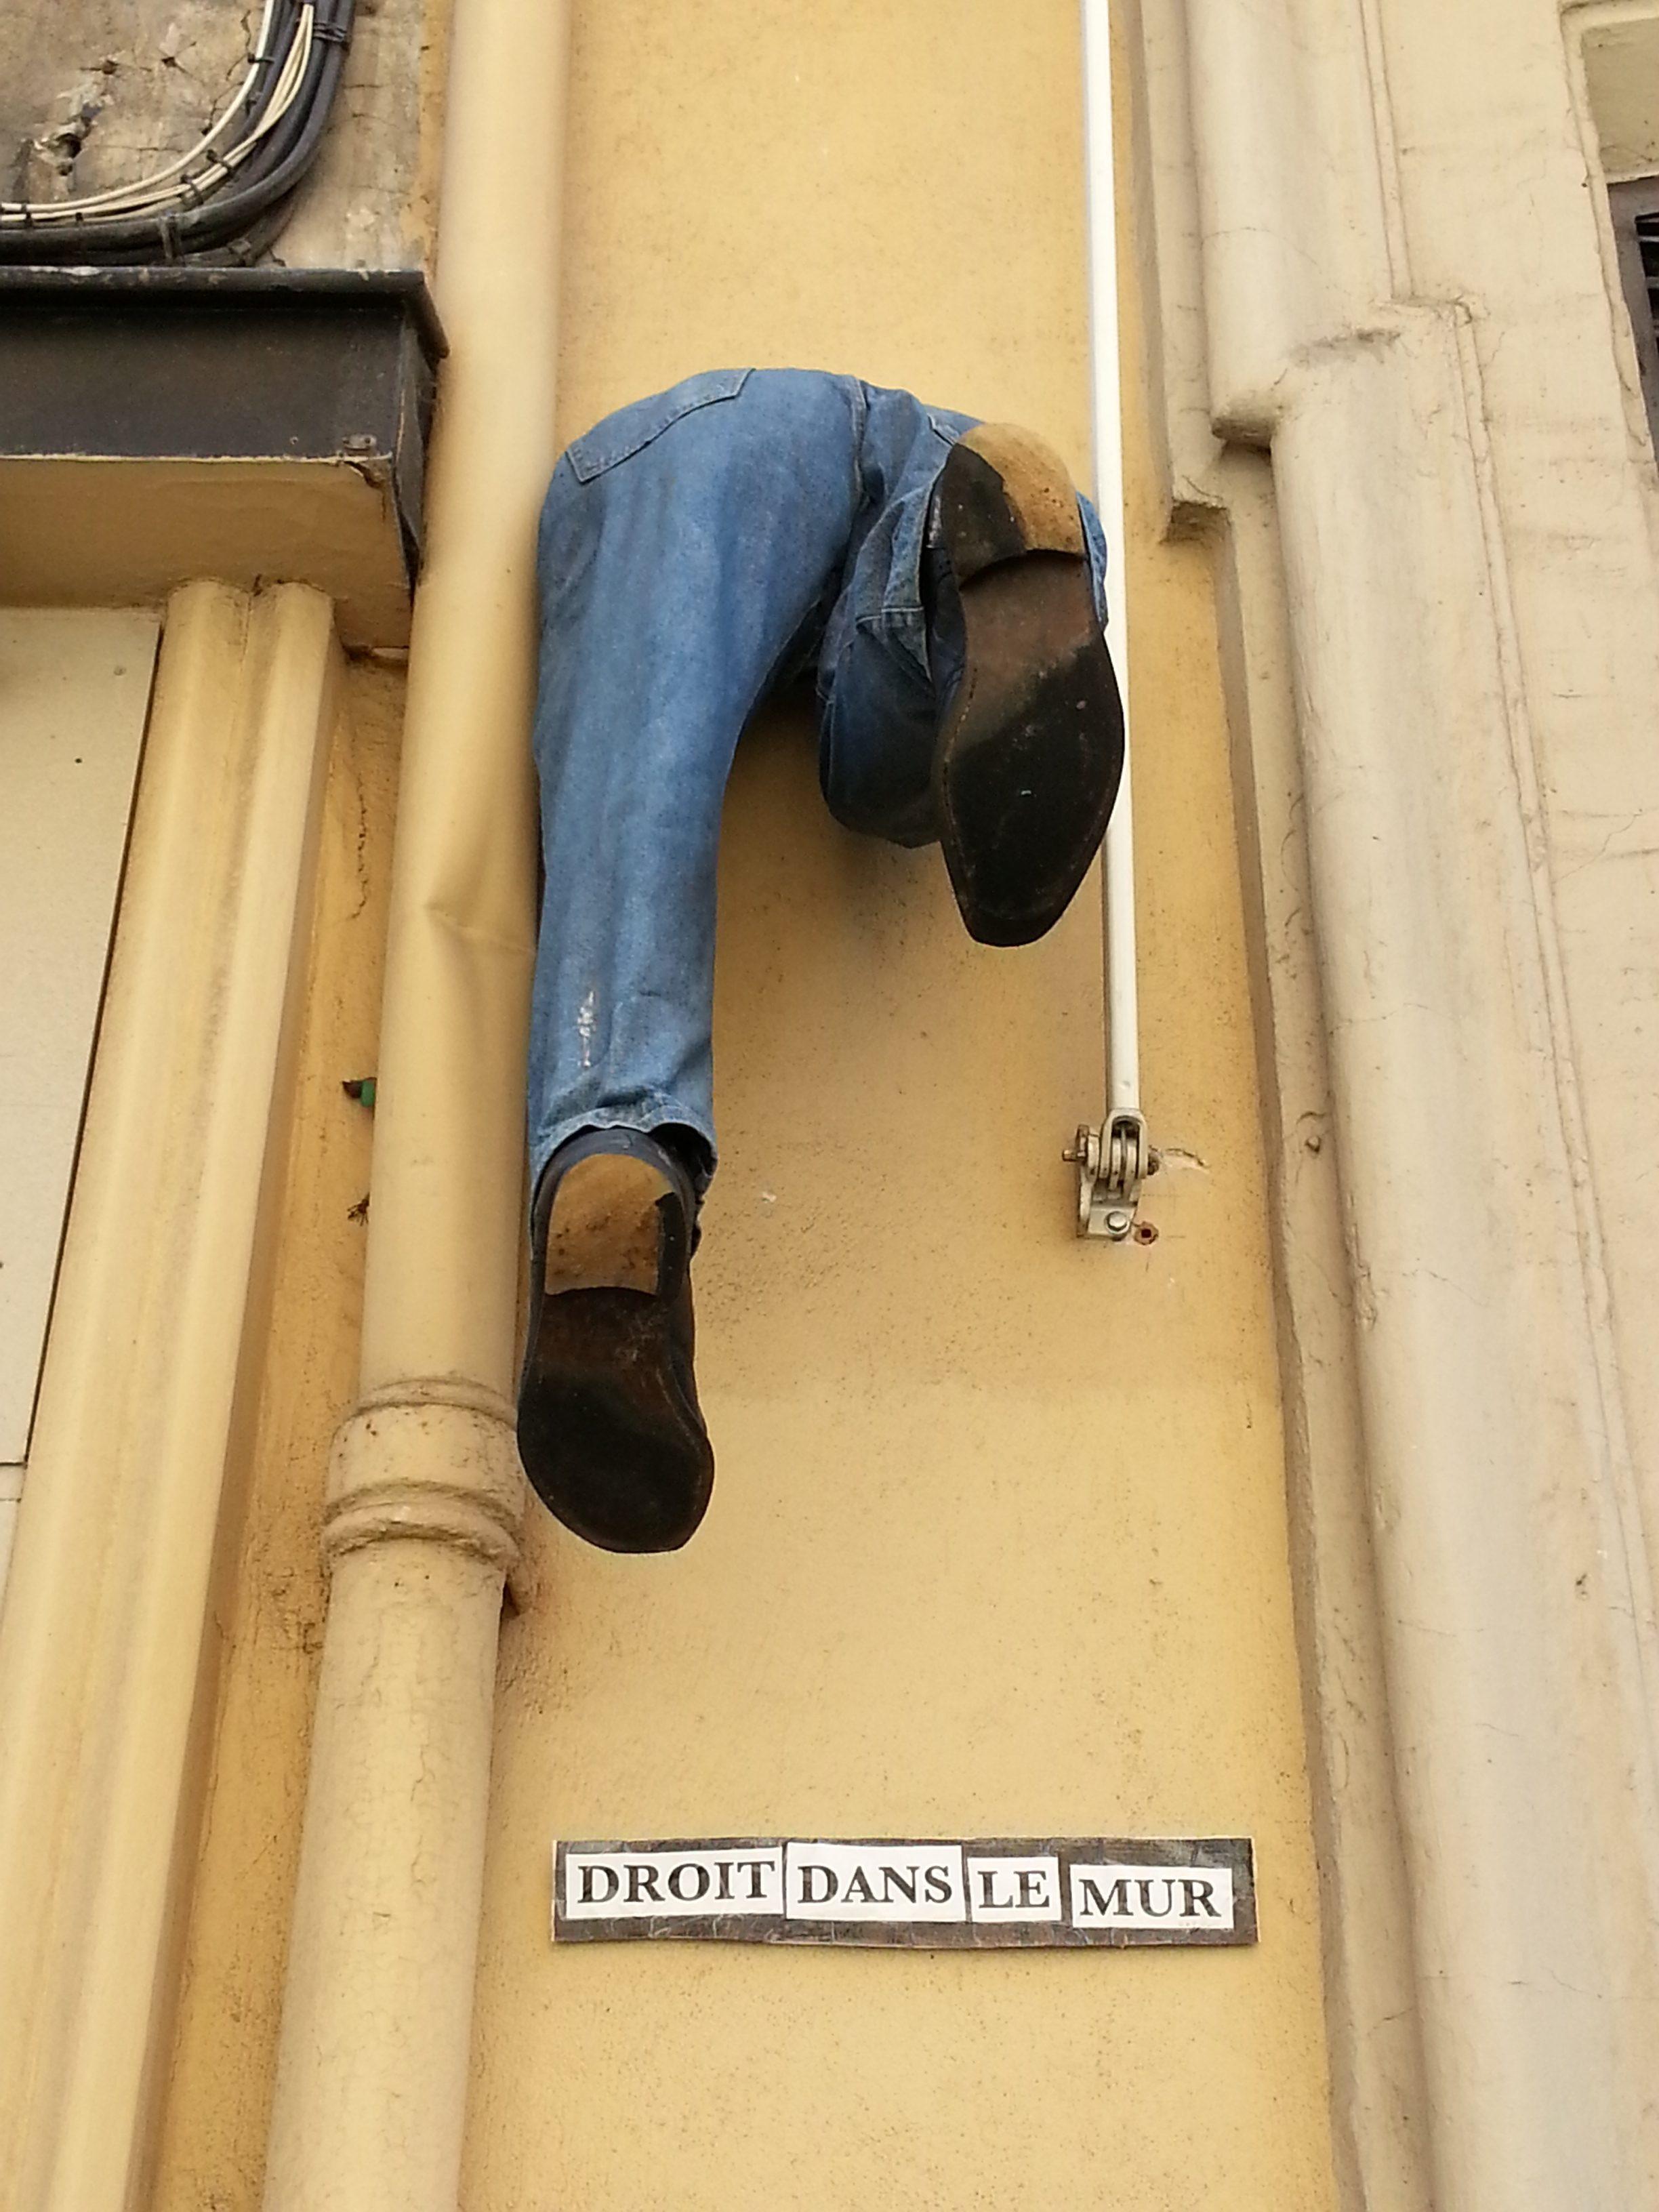 street art lyon place croix paquet droit dans le mur